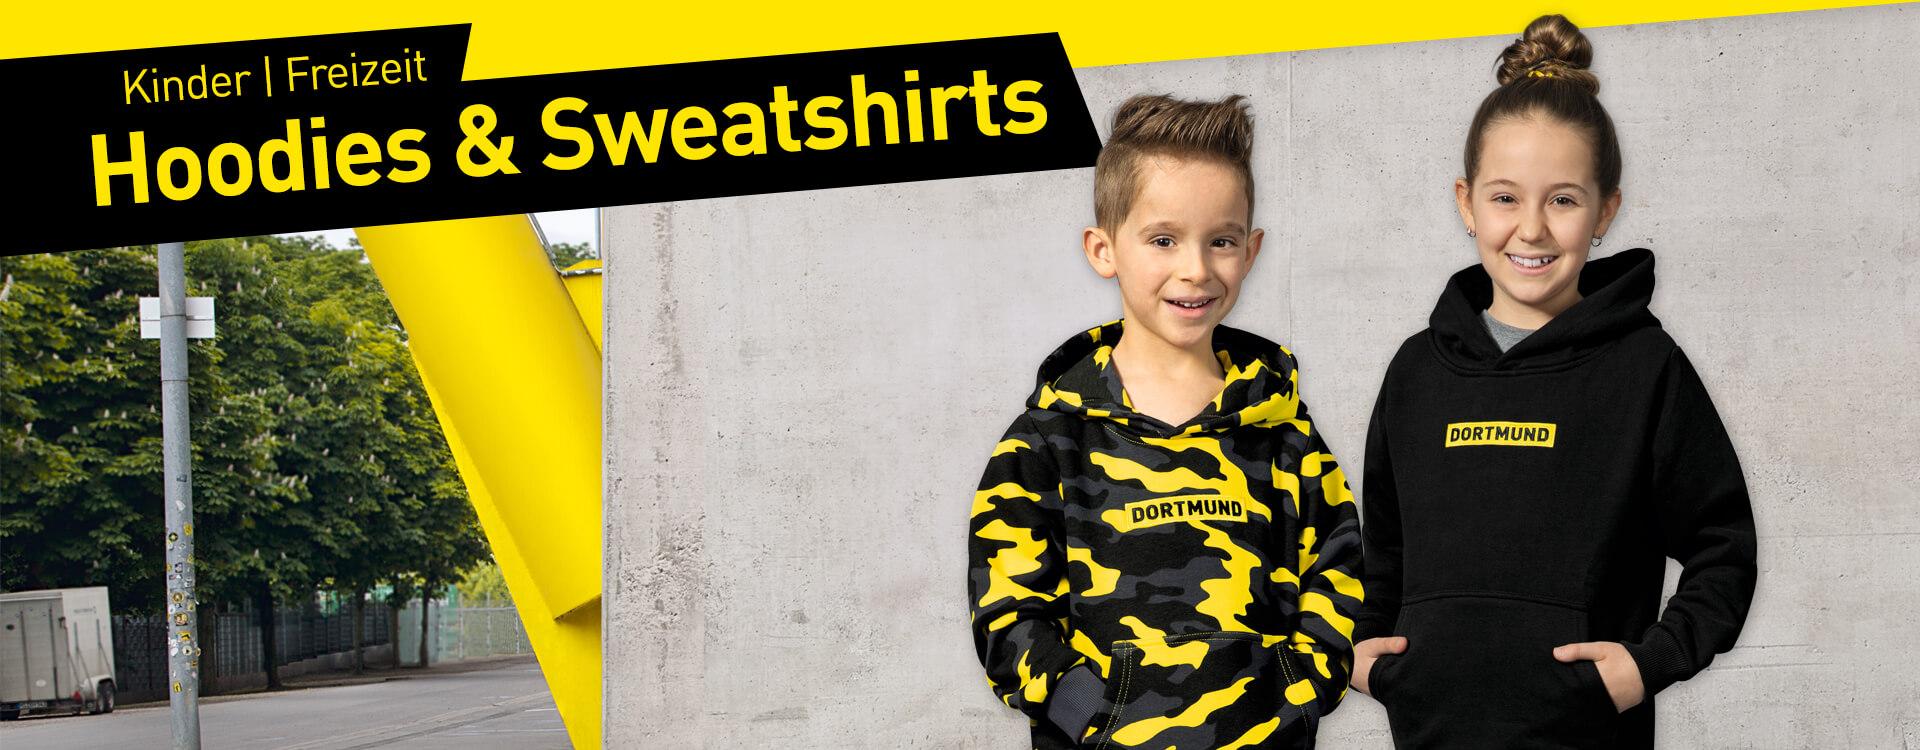 Onlineshop-Kategorieb-hnen-Desktop-1920x750px_Kinder-Freizeit-Hoodies-Sweatshirt